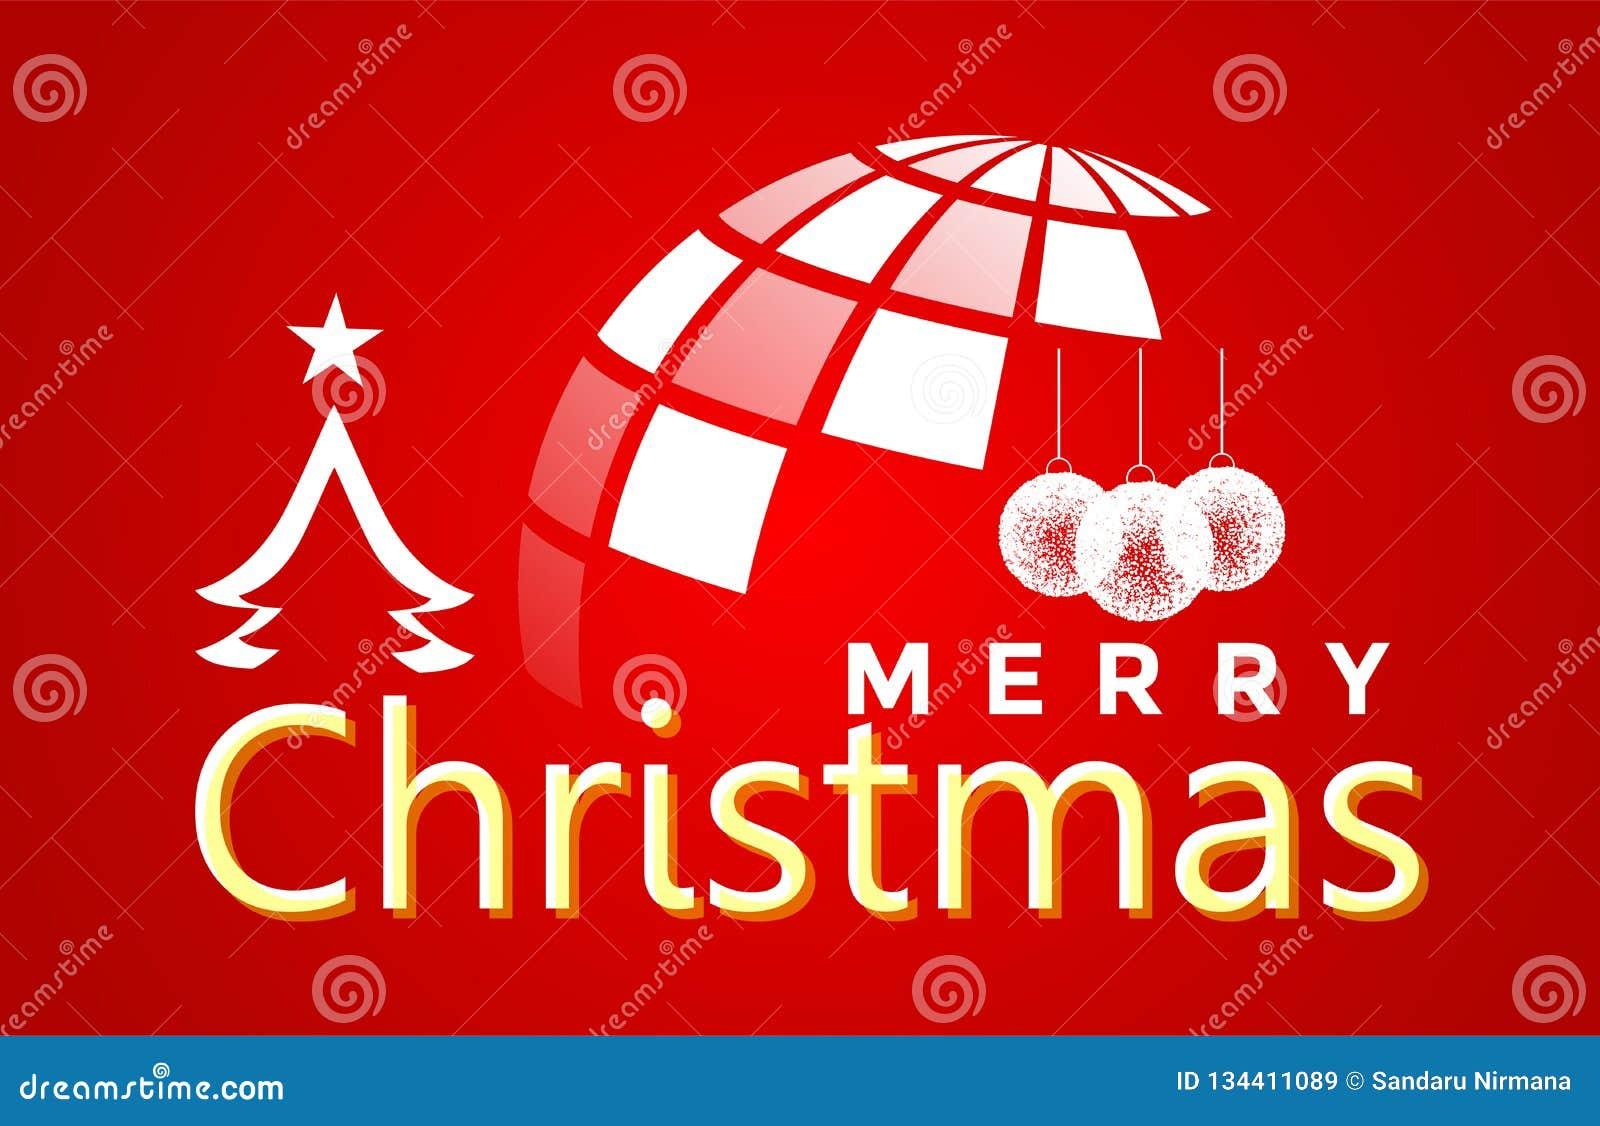 Ο κόσμος σφαιρών και Χαρούμενα Χριστούγεννας και το κείμενο χαιρετισμού σχεδιάζουν στο άσπρο χρωματισμένο εικονίδιο στο αφηρημένο